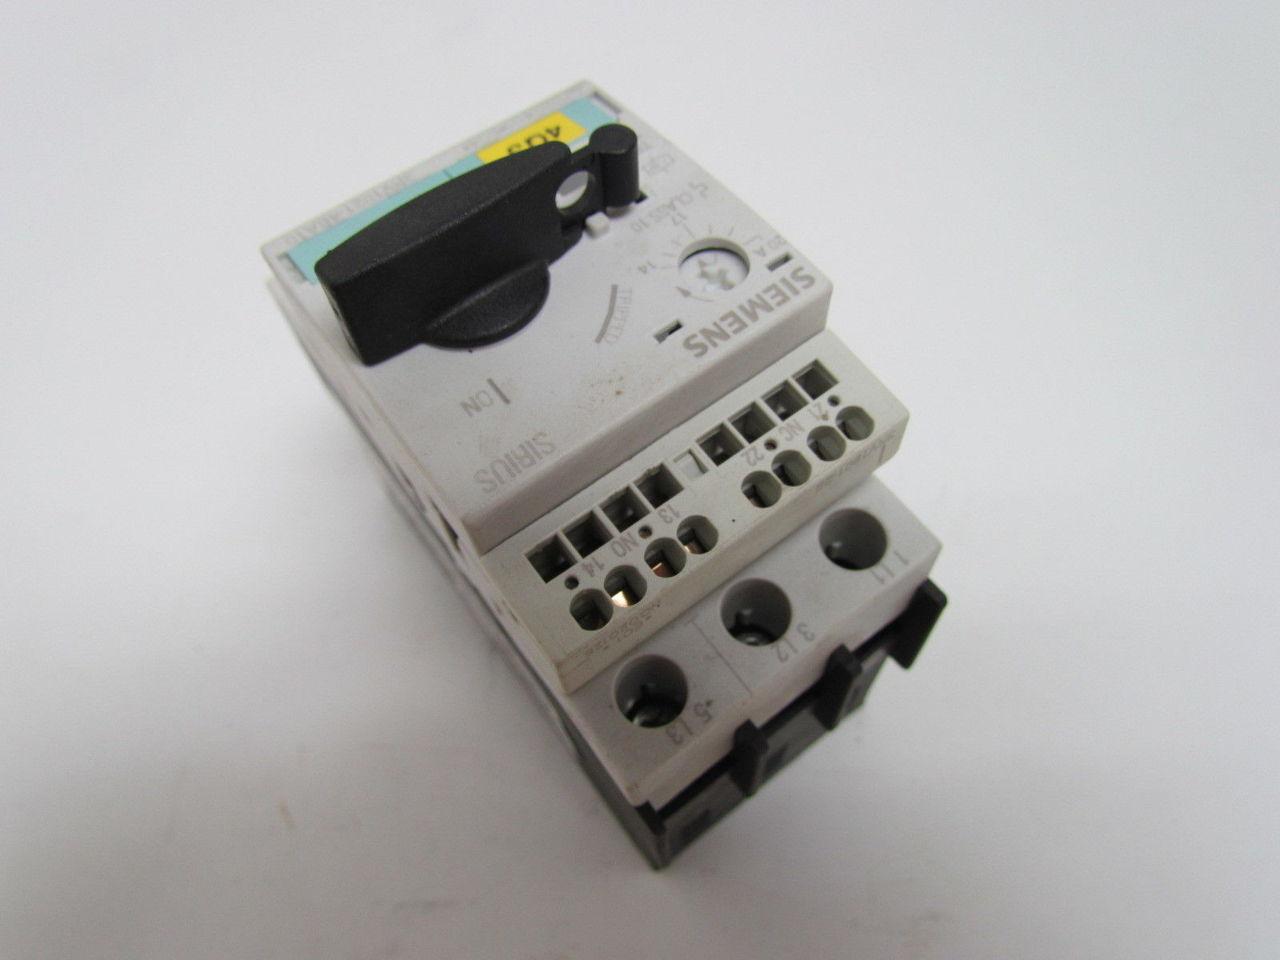 Circuit Breaker 14 20a N Release 260a Size So Motor